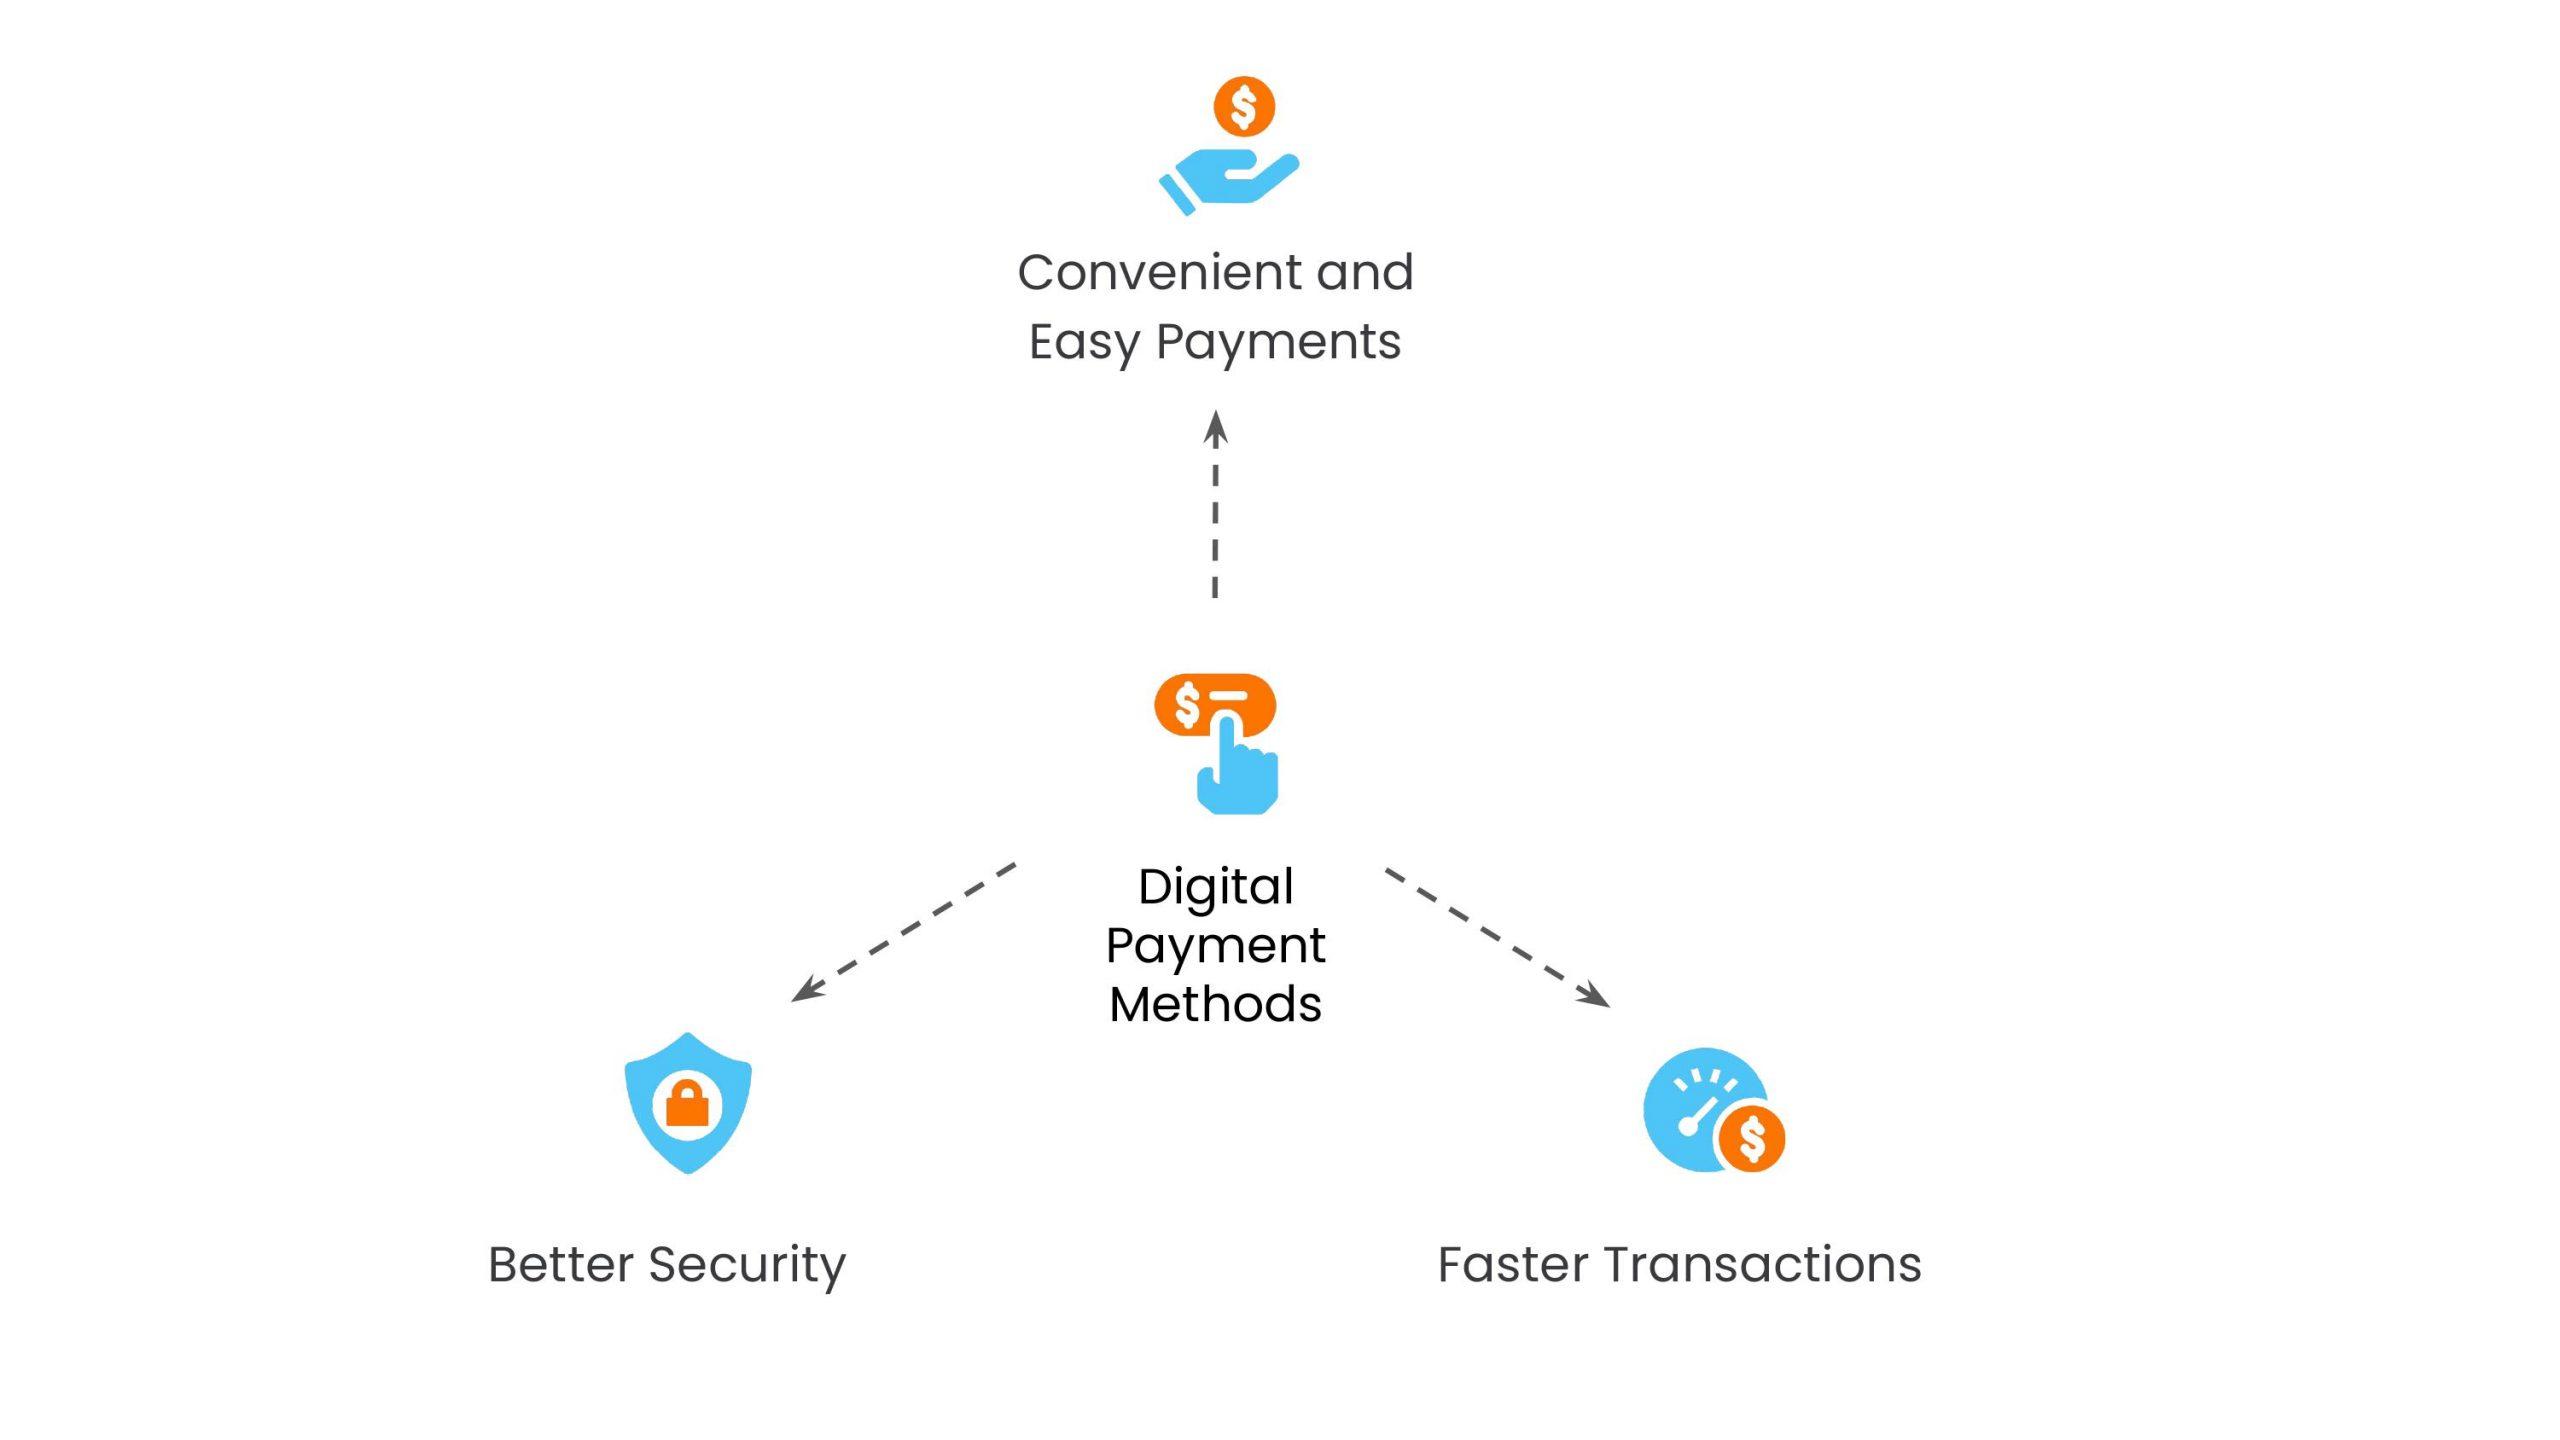 Benefits of Digital Payment Methods